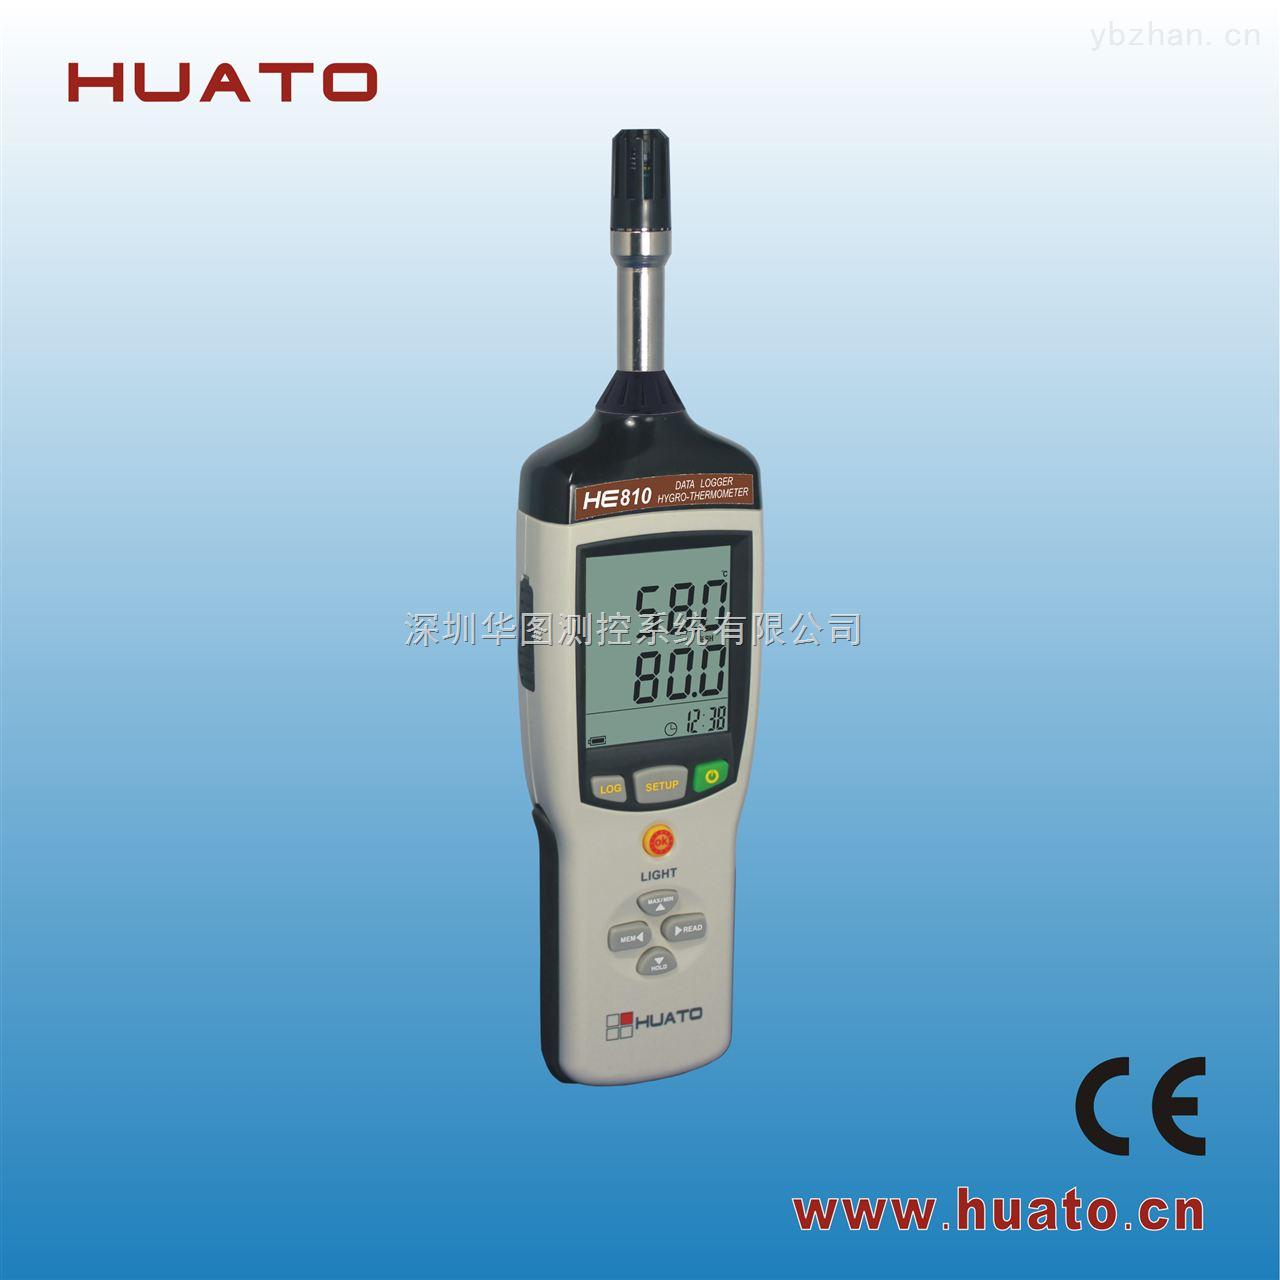 HE810系列手持式溫濕度記錄儀